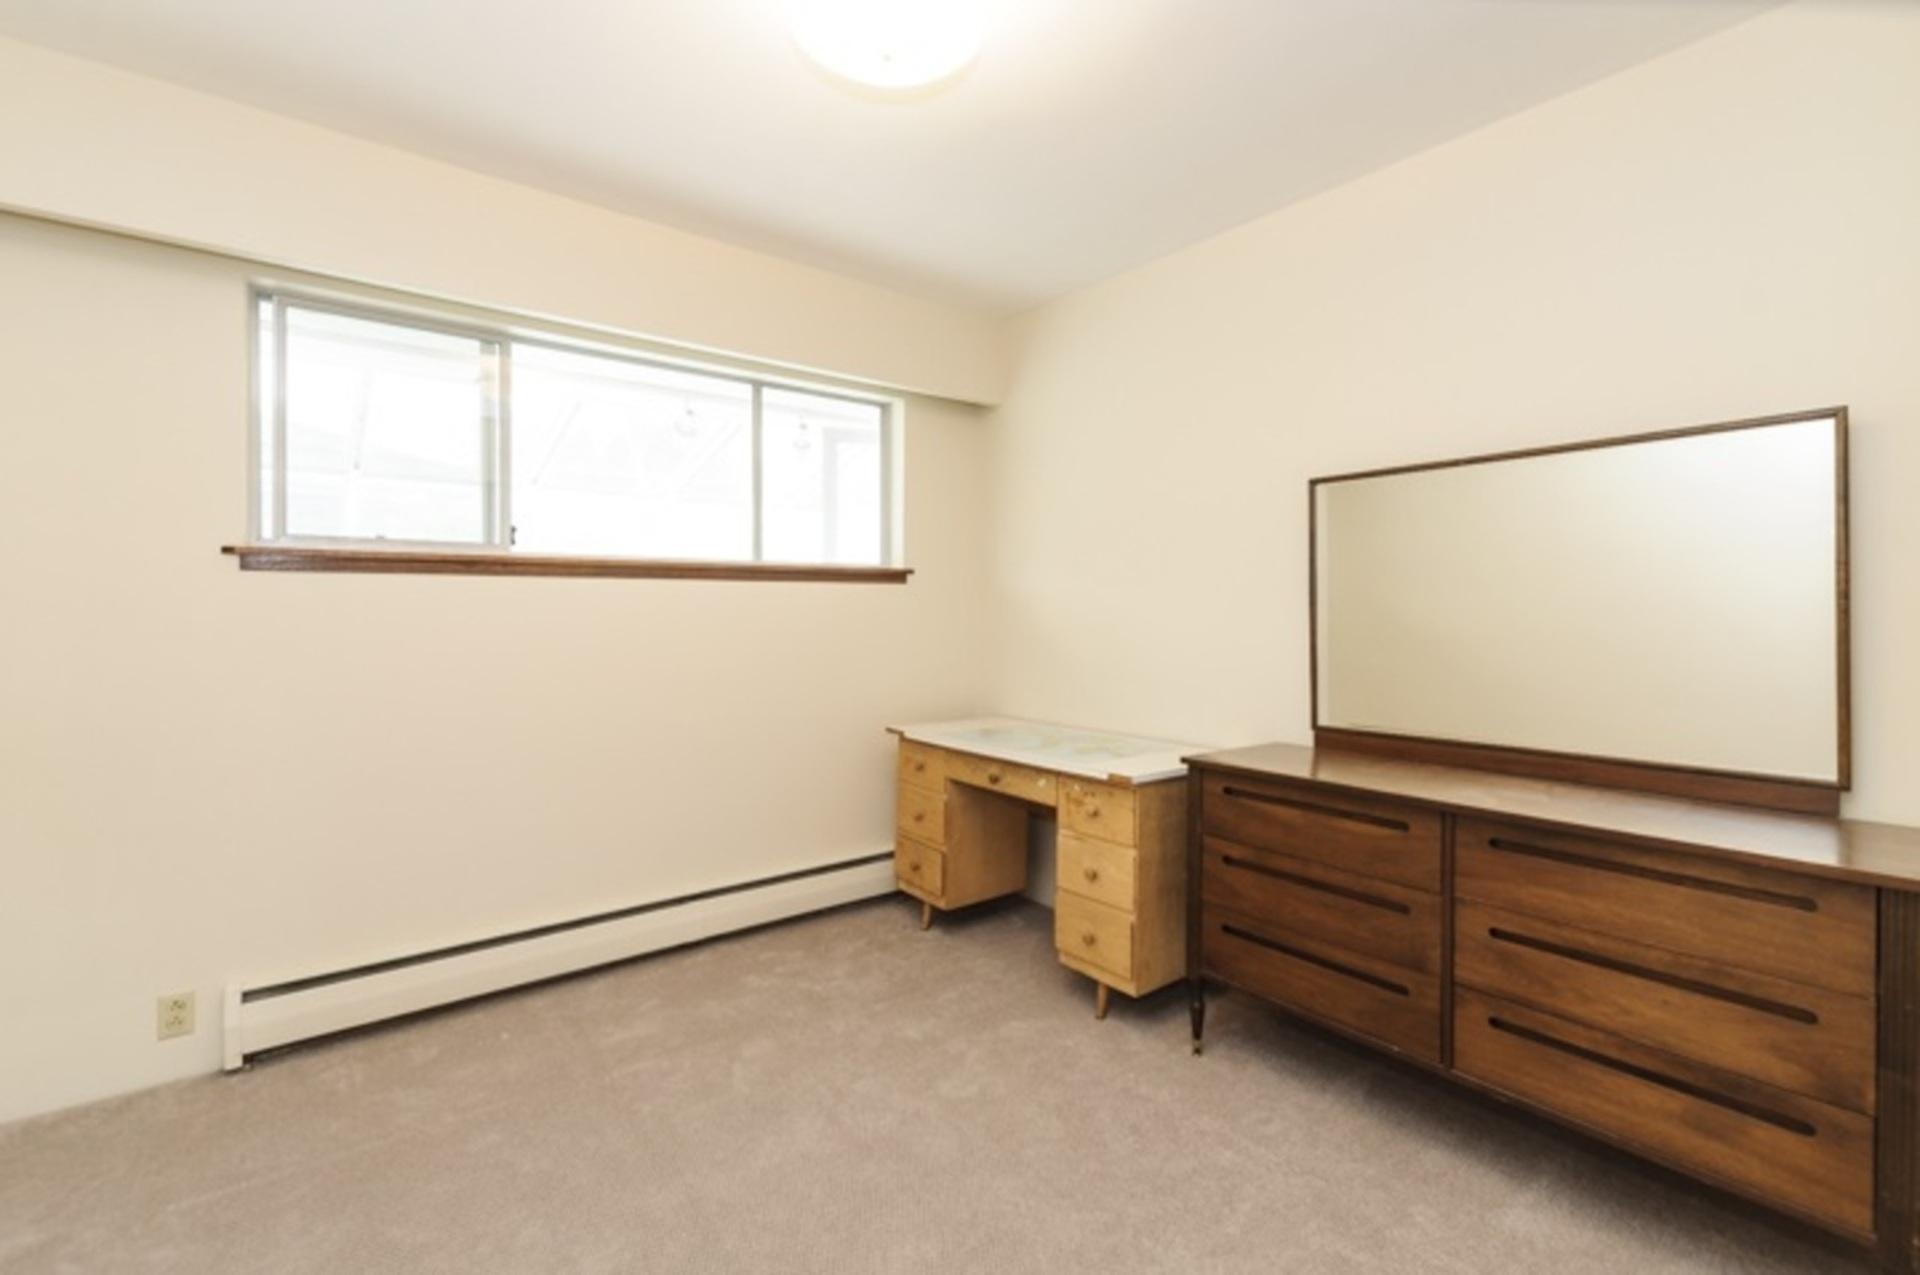 7230-kitchener-street-simon-fraser-univer-burnaby-north-09 at 7230 Kitchener Street, Burnaby North